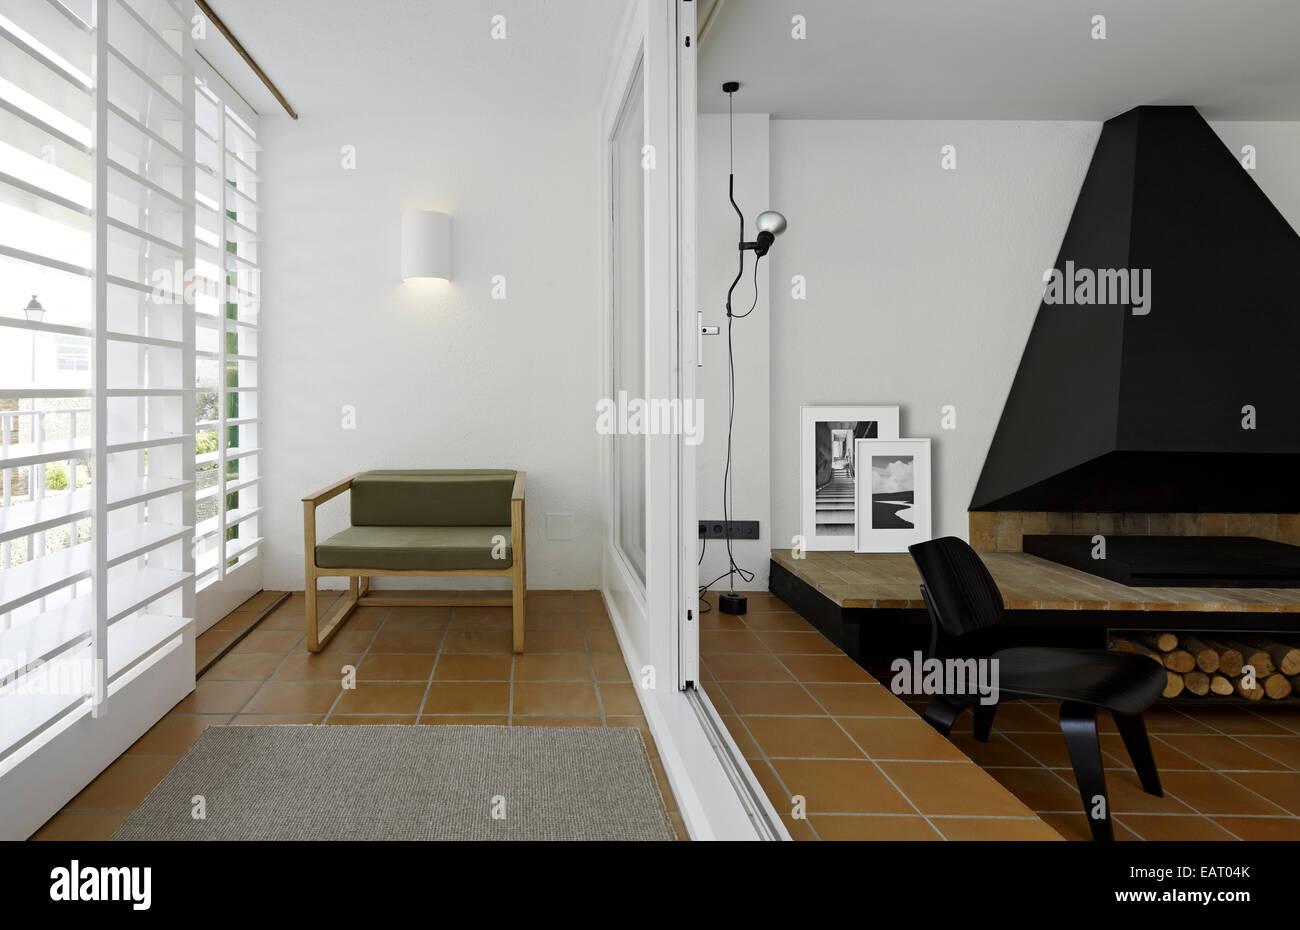 Kamin Und Platz Auf Terrasse Balkon In Modernen Wohnung Vivienda De